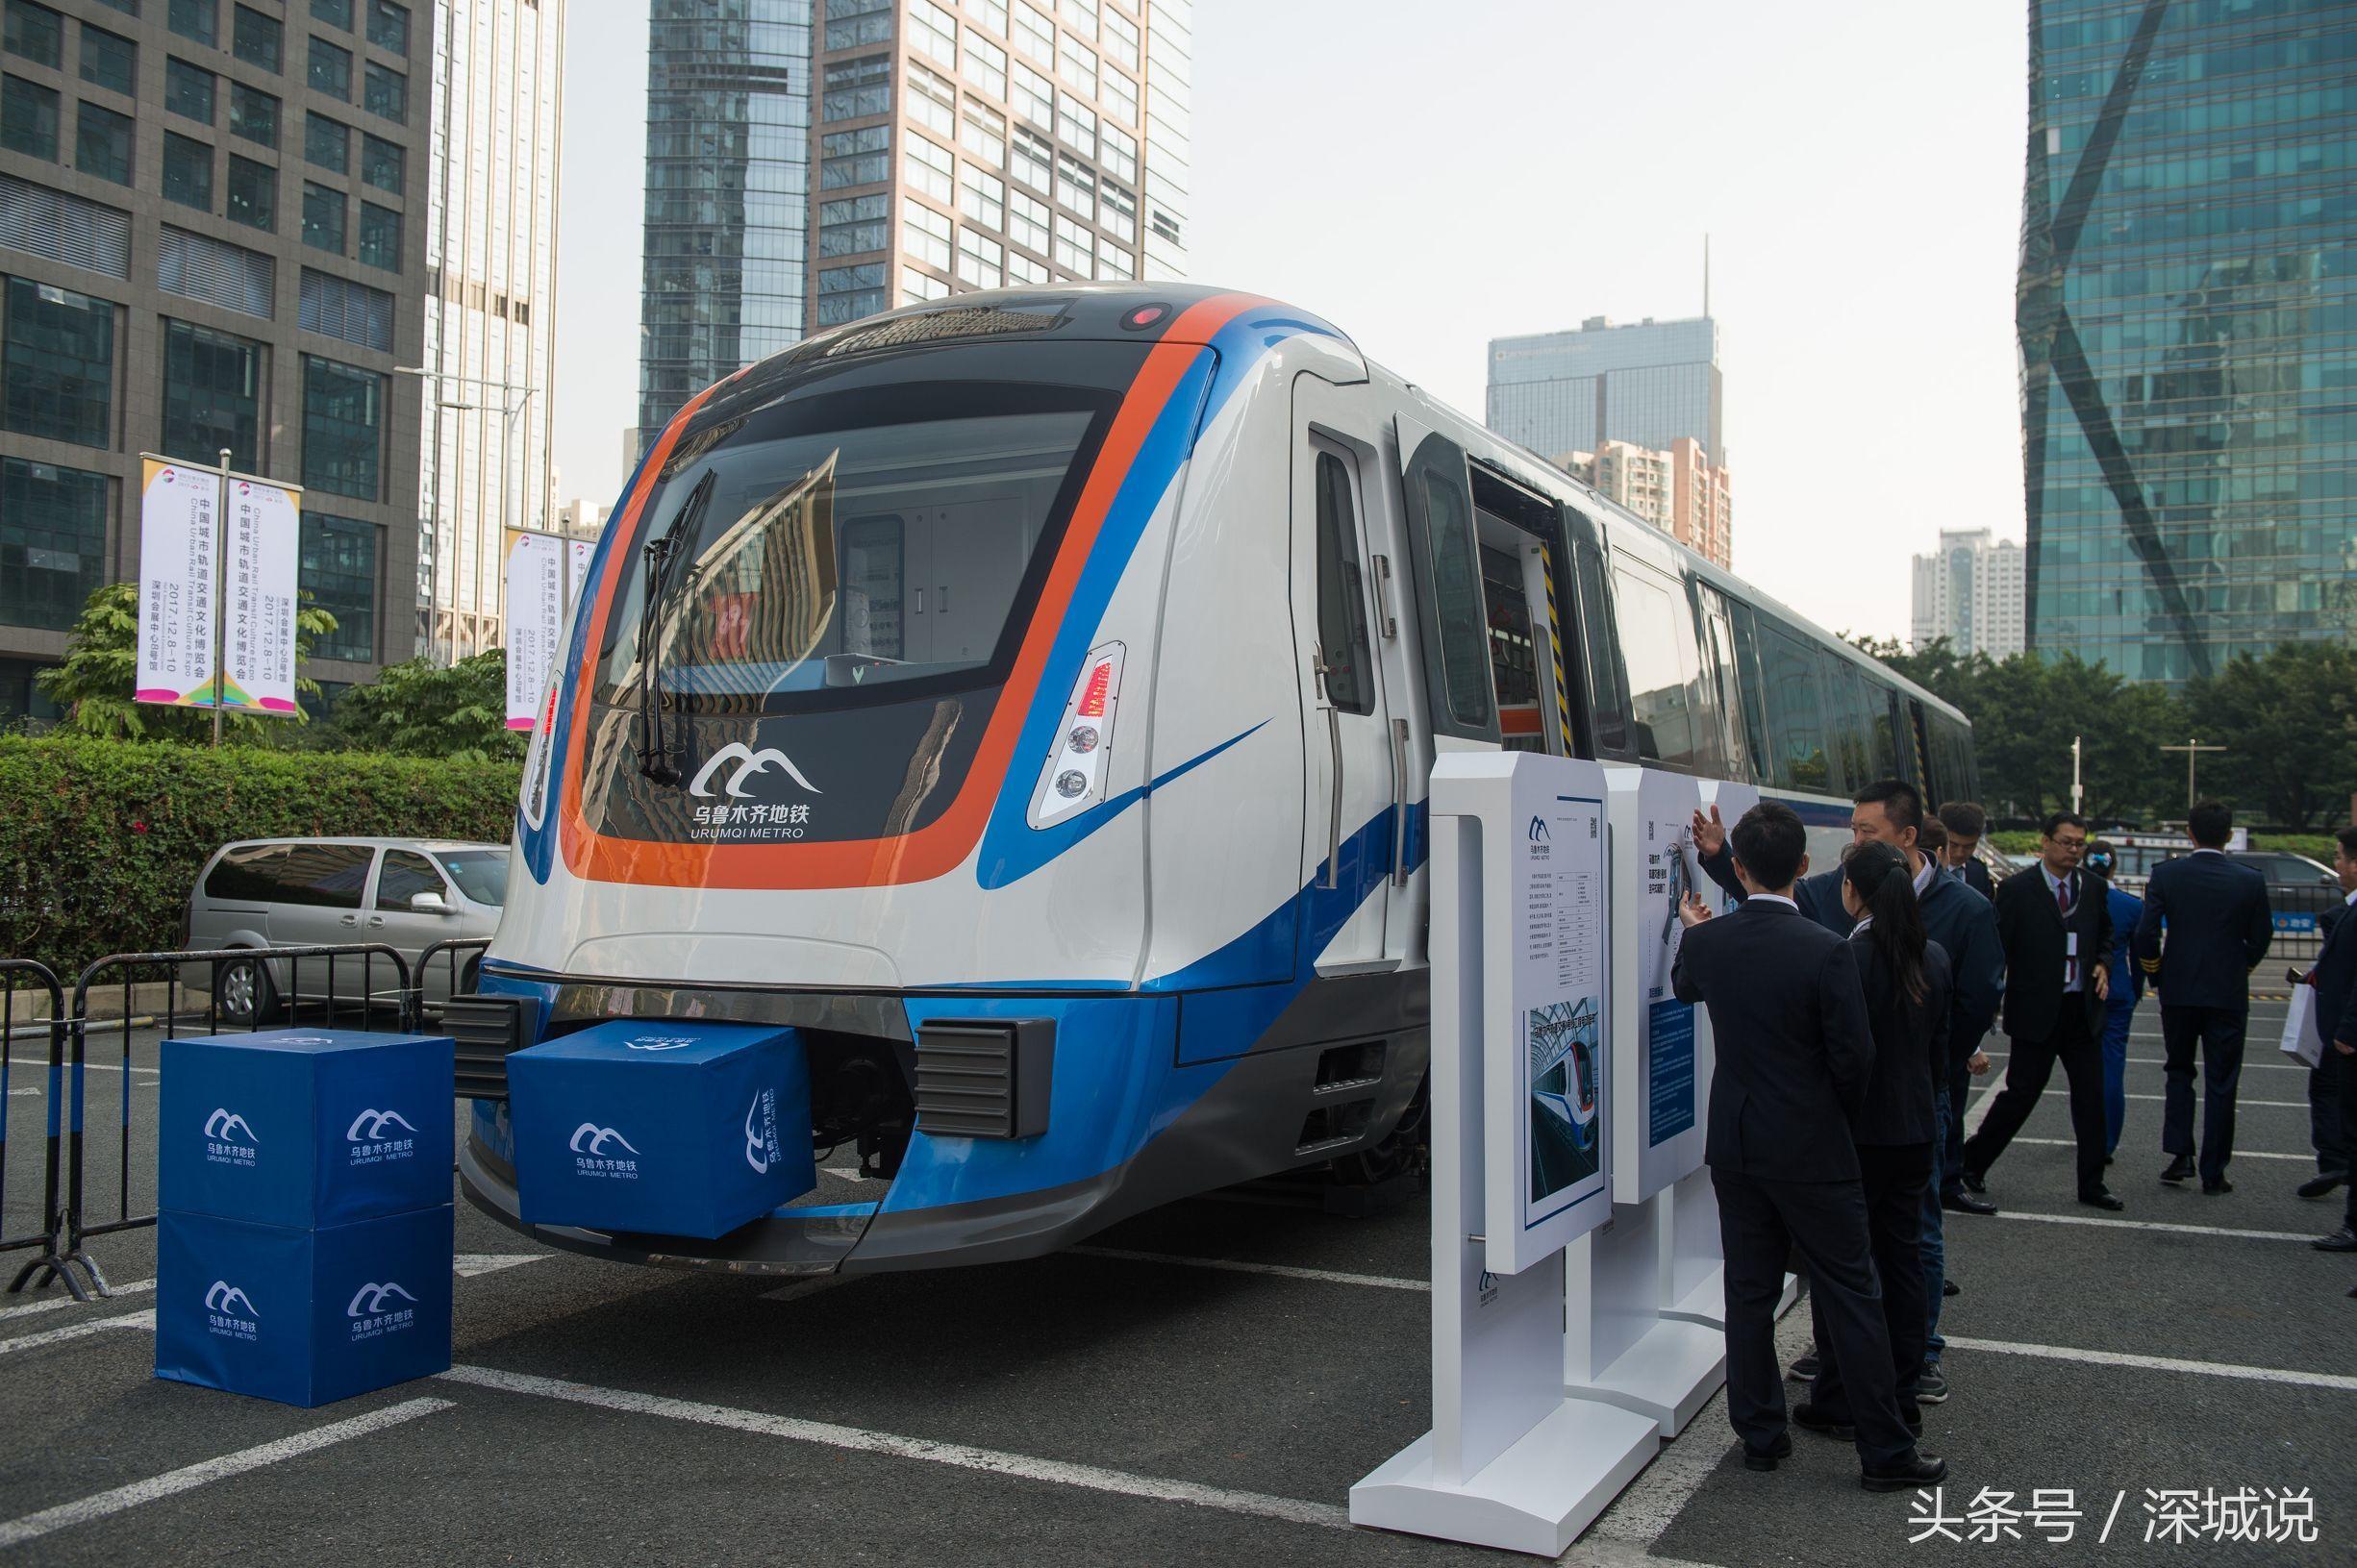 这次城轨文博会,乌鲁木齐地铁竟然运了一节地铁真车到深圳会展中心.